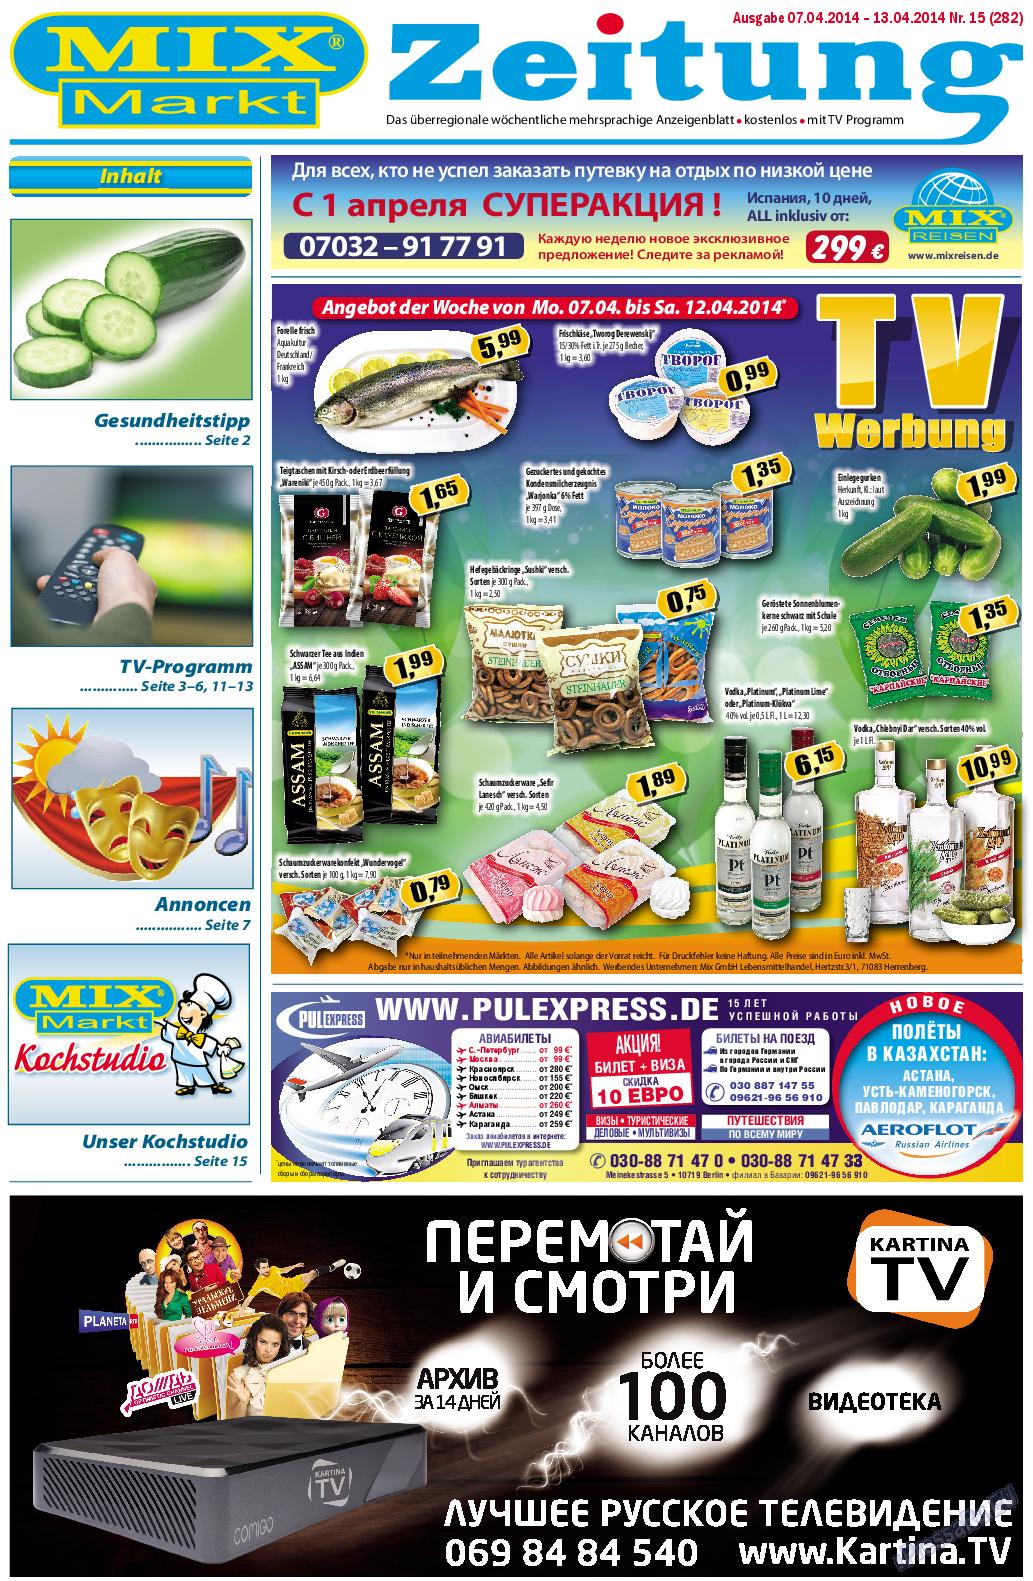 MIX-Markt Zeitung (газета). 2014 год, номер 15, стр. 1